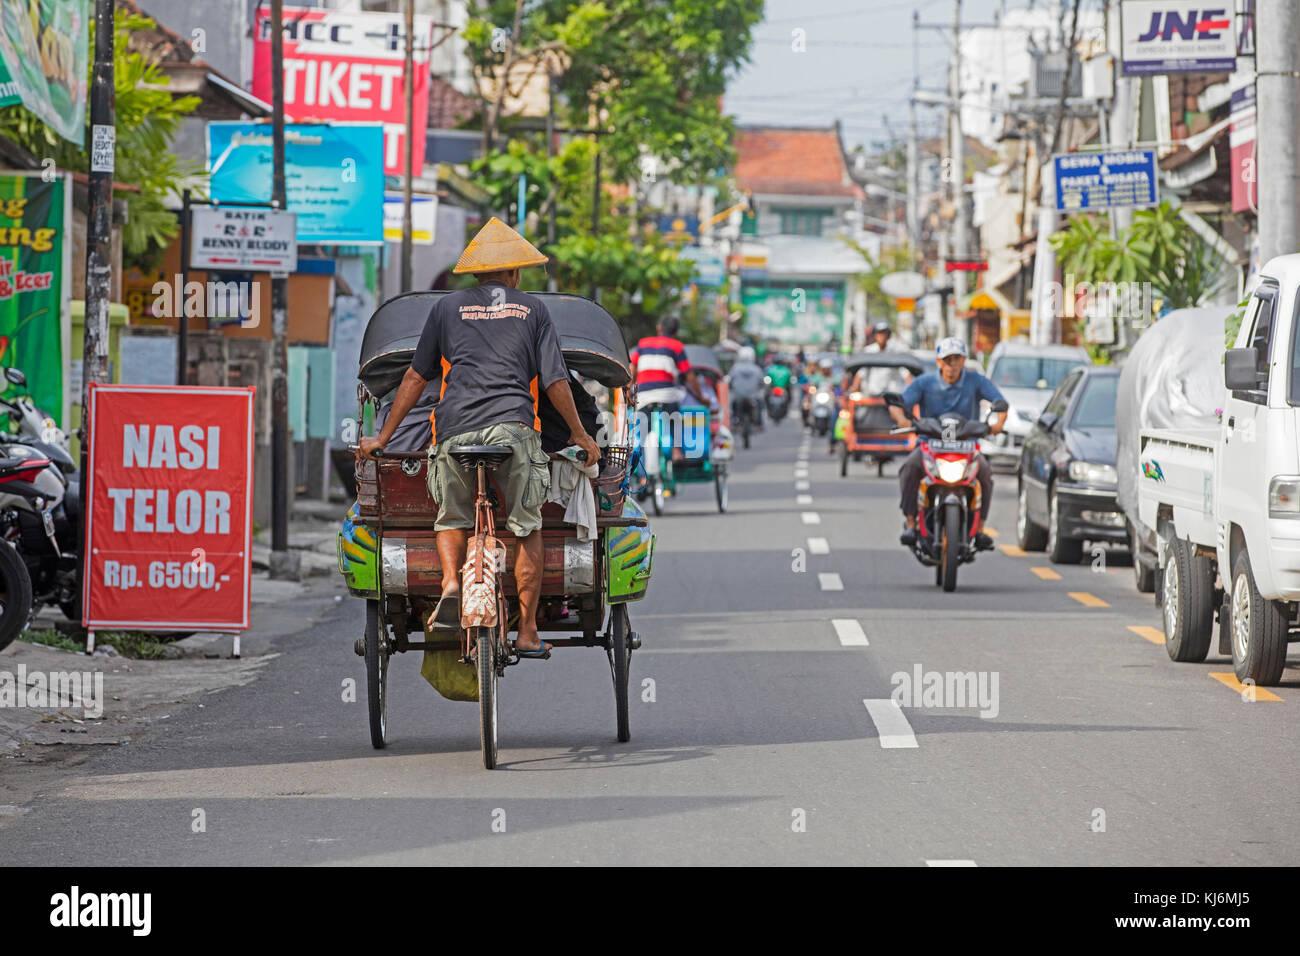 Rickshaws / becak para transporte público en la ciudad de Yogyakarta, en Java, Indonesia Imagen De Stock